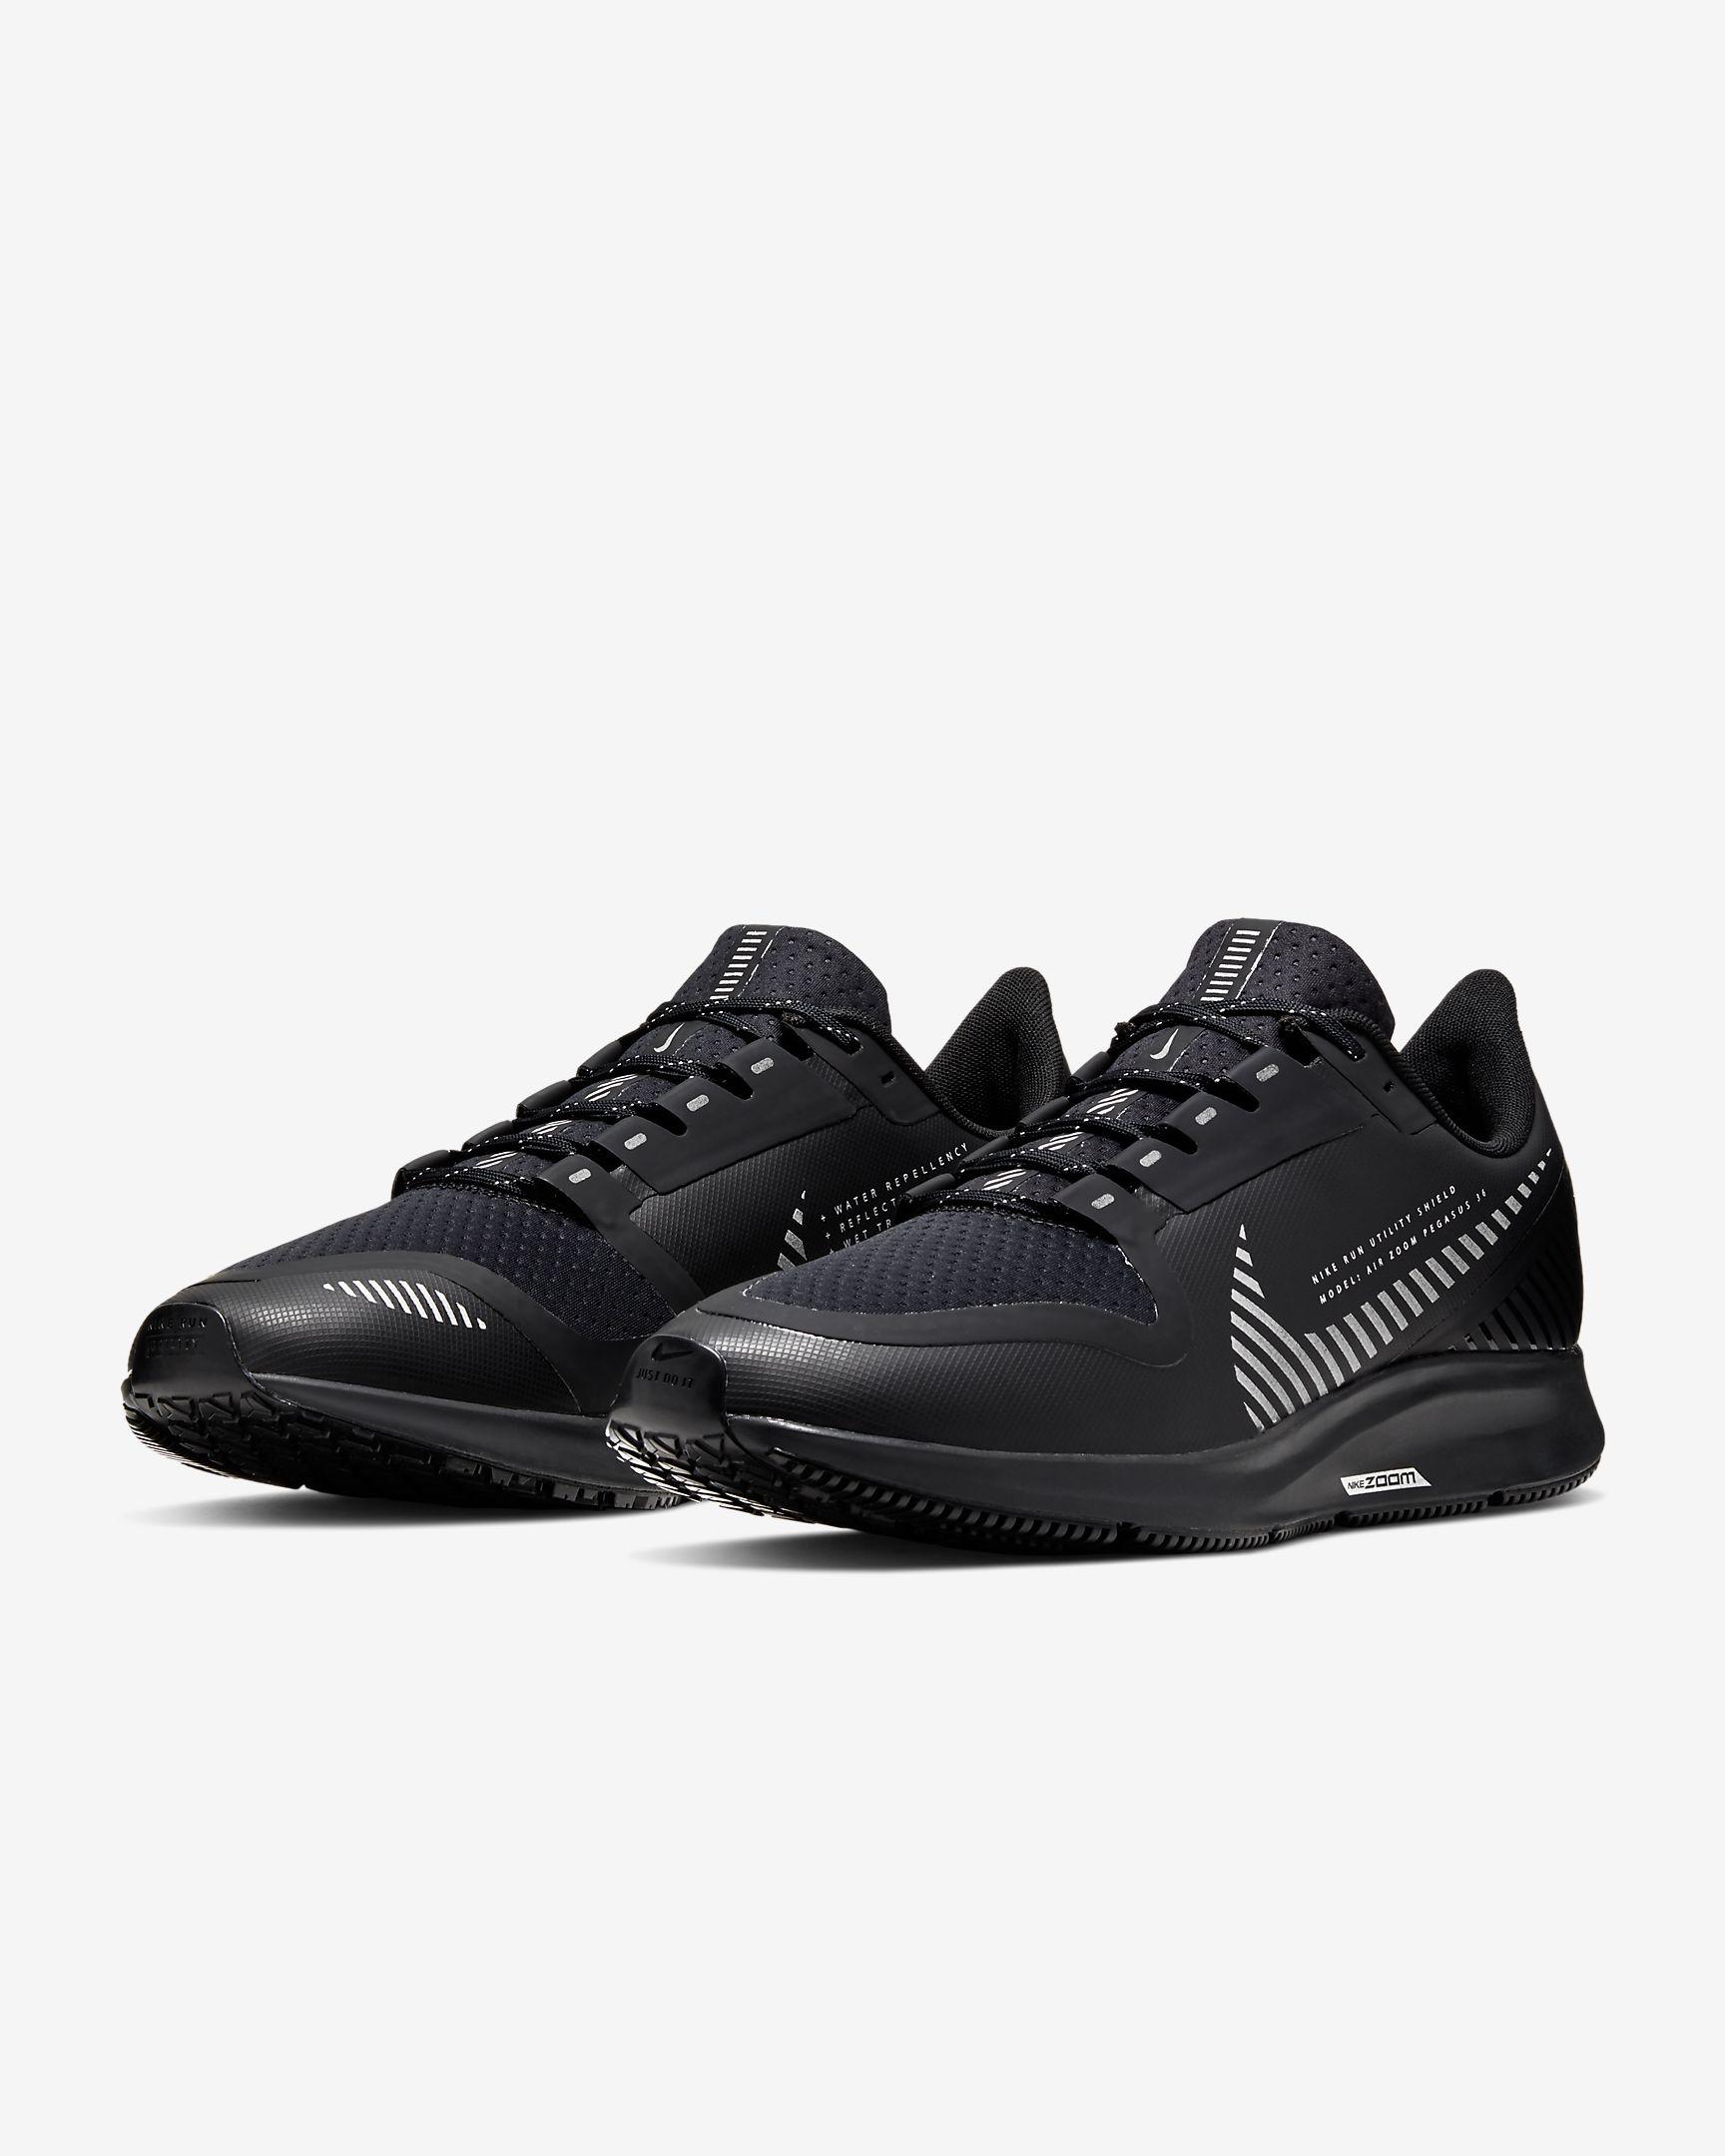 Los 4 chollos que todavía se pueden encontrar en las rebajas de Nike que acaban el lunes